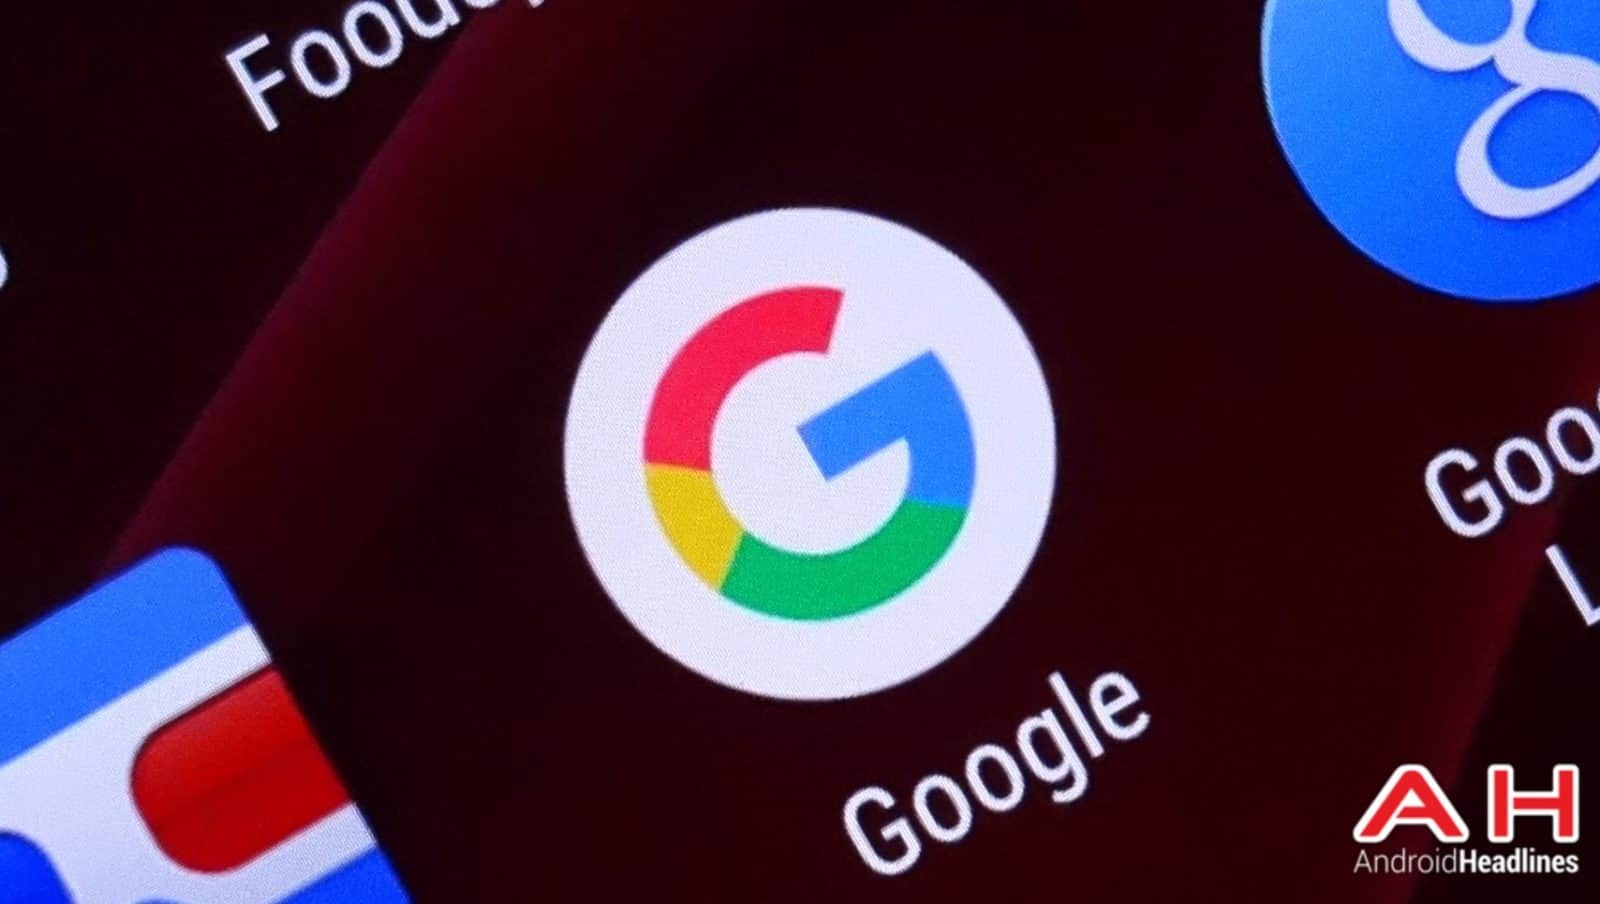 Google App New Logo AH